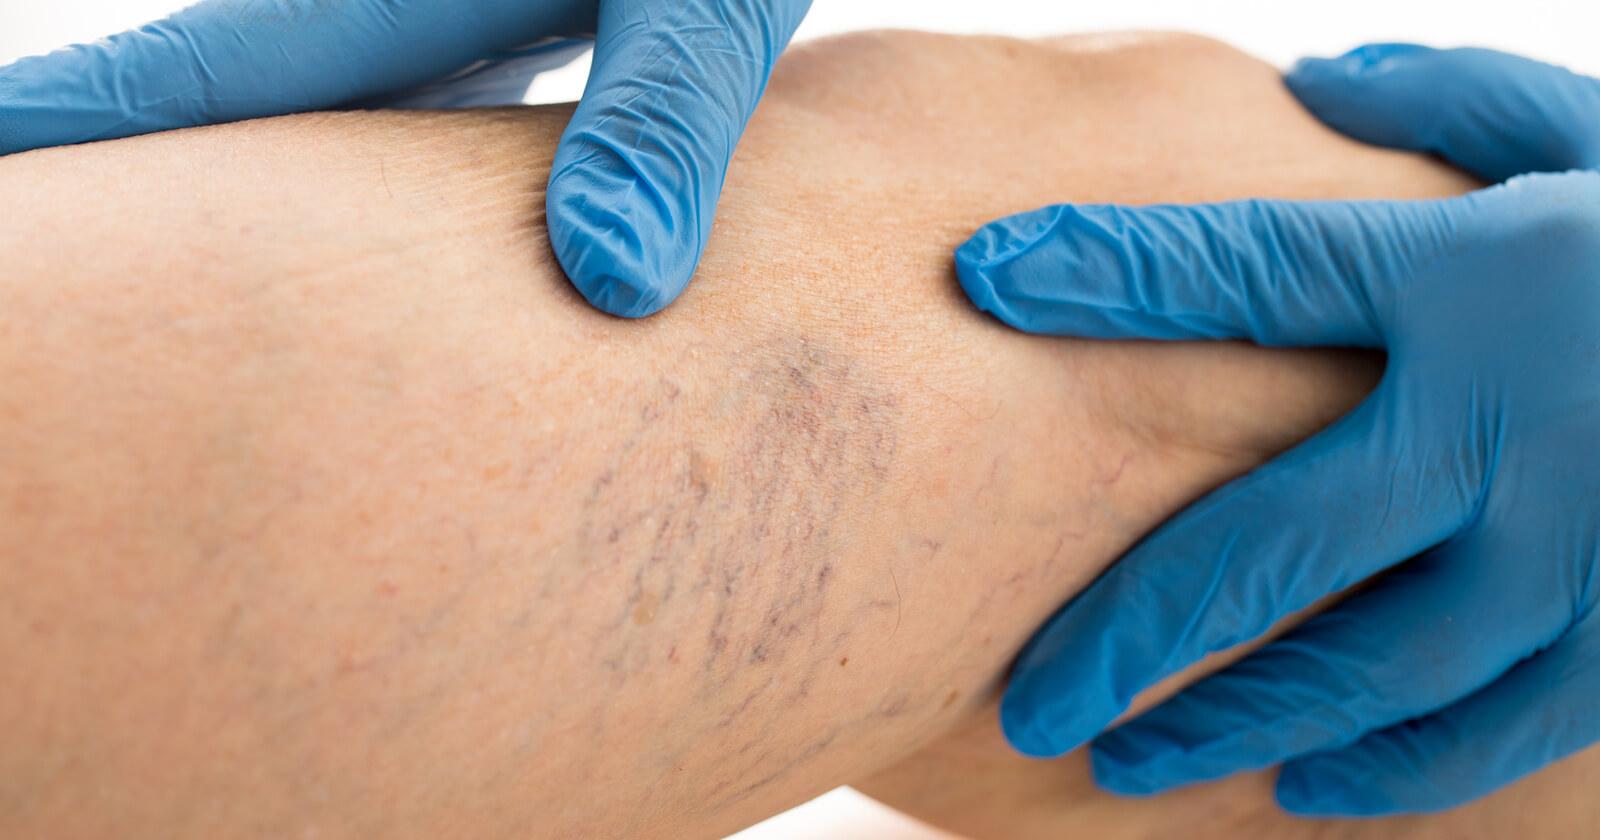 Ösophagusvarizen Ursachen Symptome & Therapie